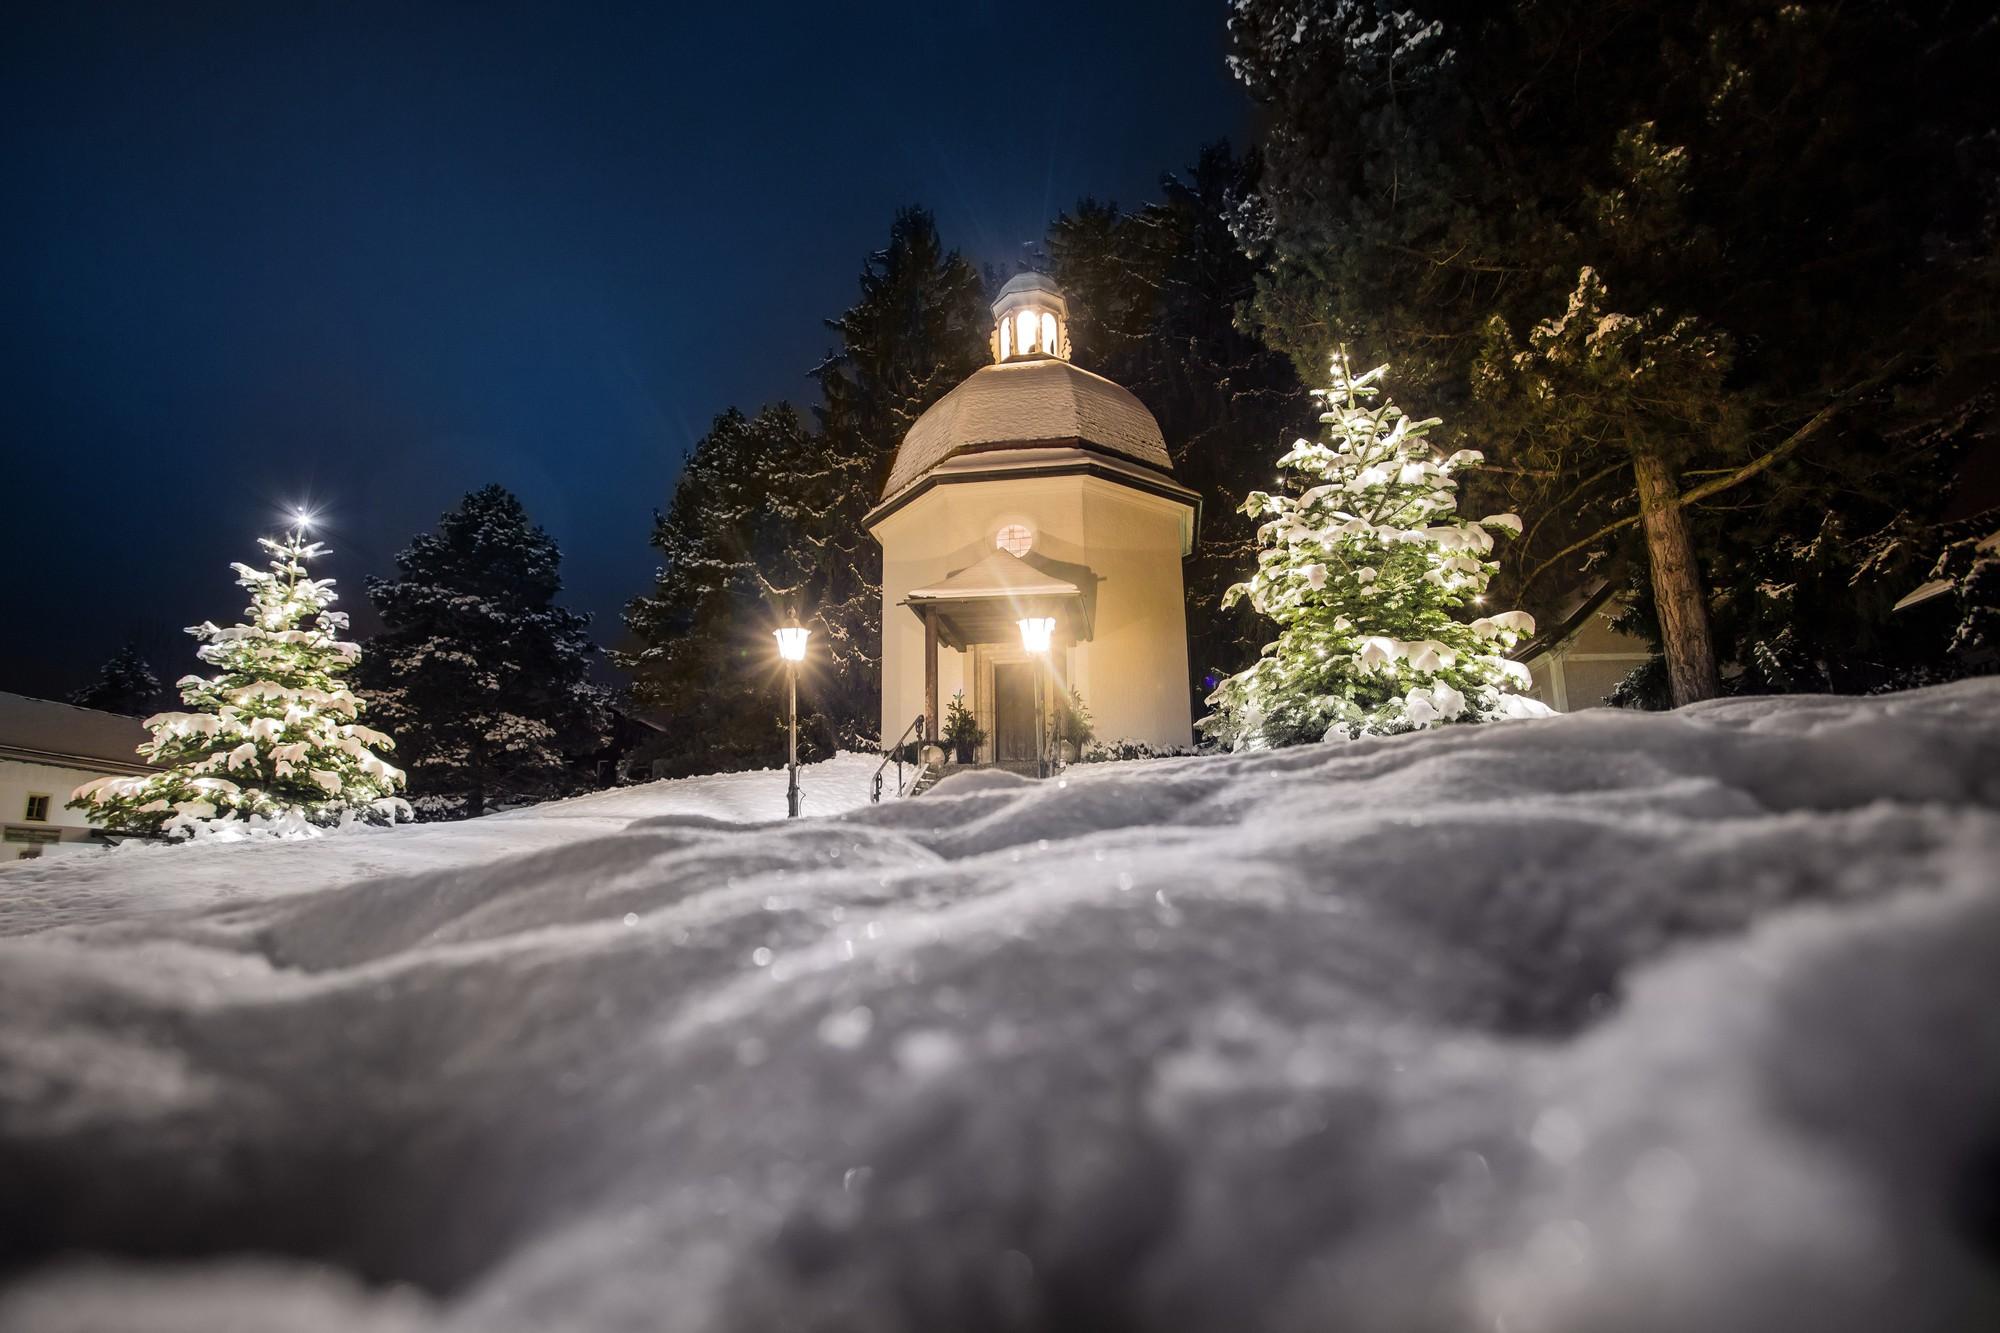 La cappella Stille Nacht a Oberndorf in mezzo alla neve con le luci di 2 lampioni